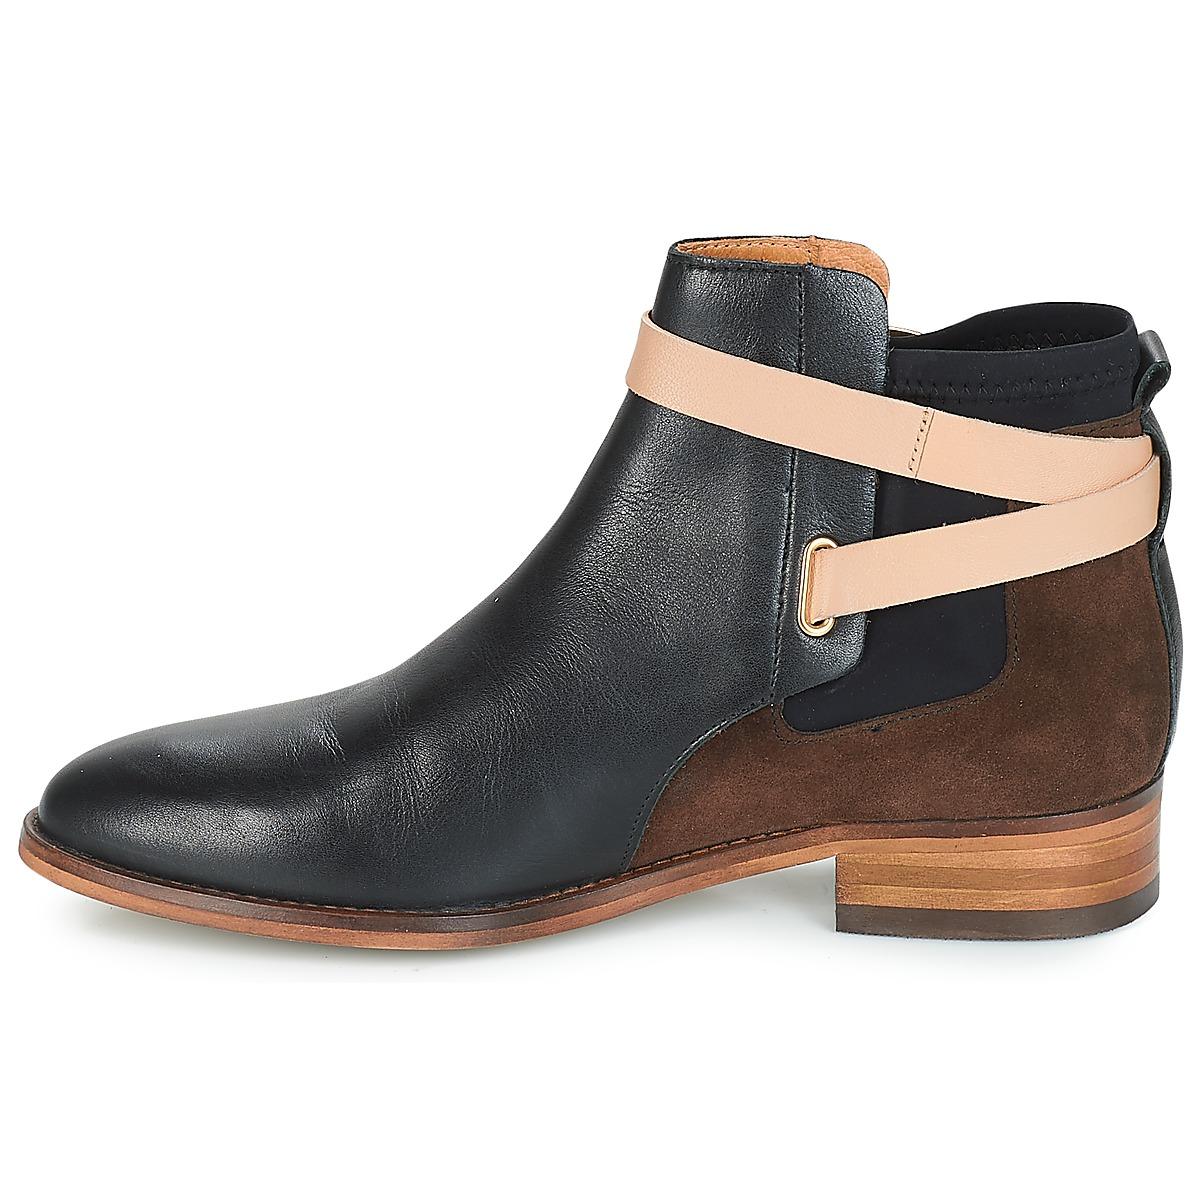 André Montana Noir - Livraison Gratuite Chaussures Boot Femme 95,20 €